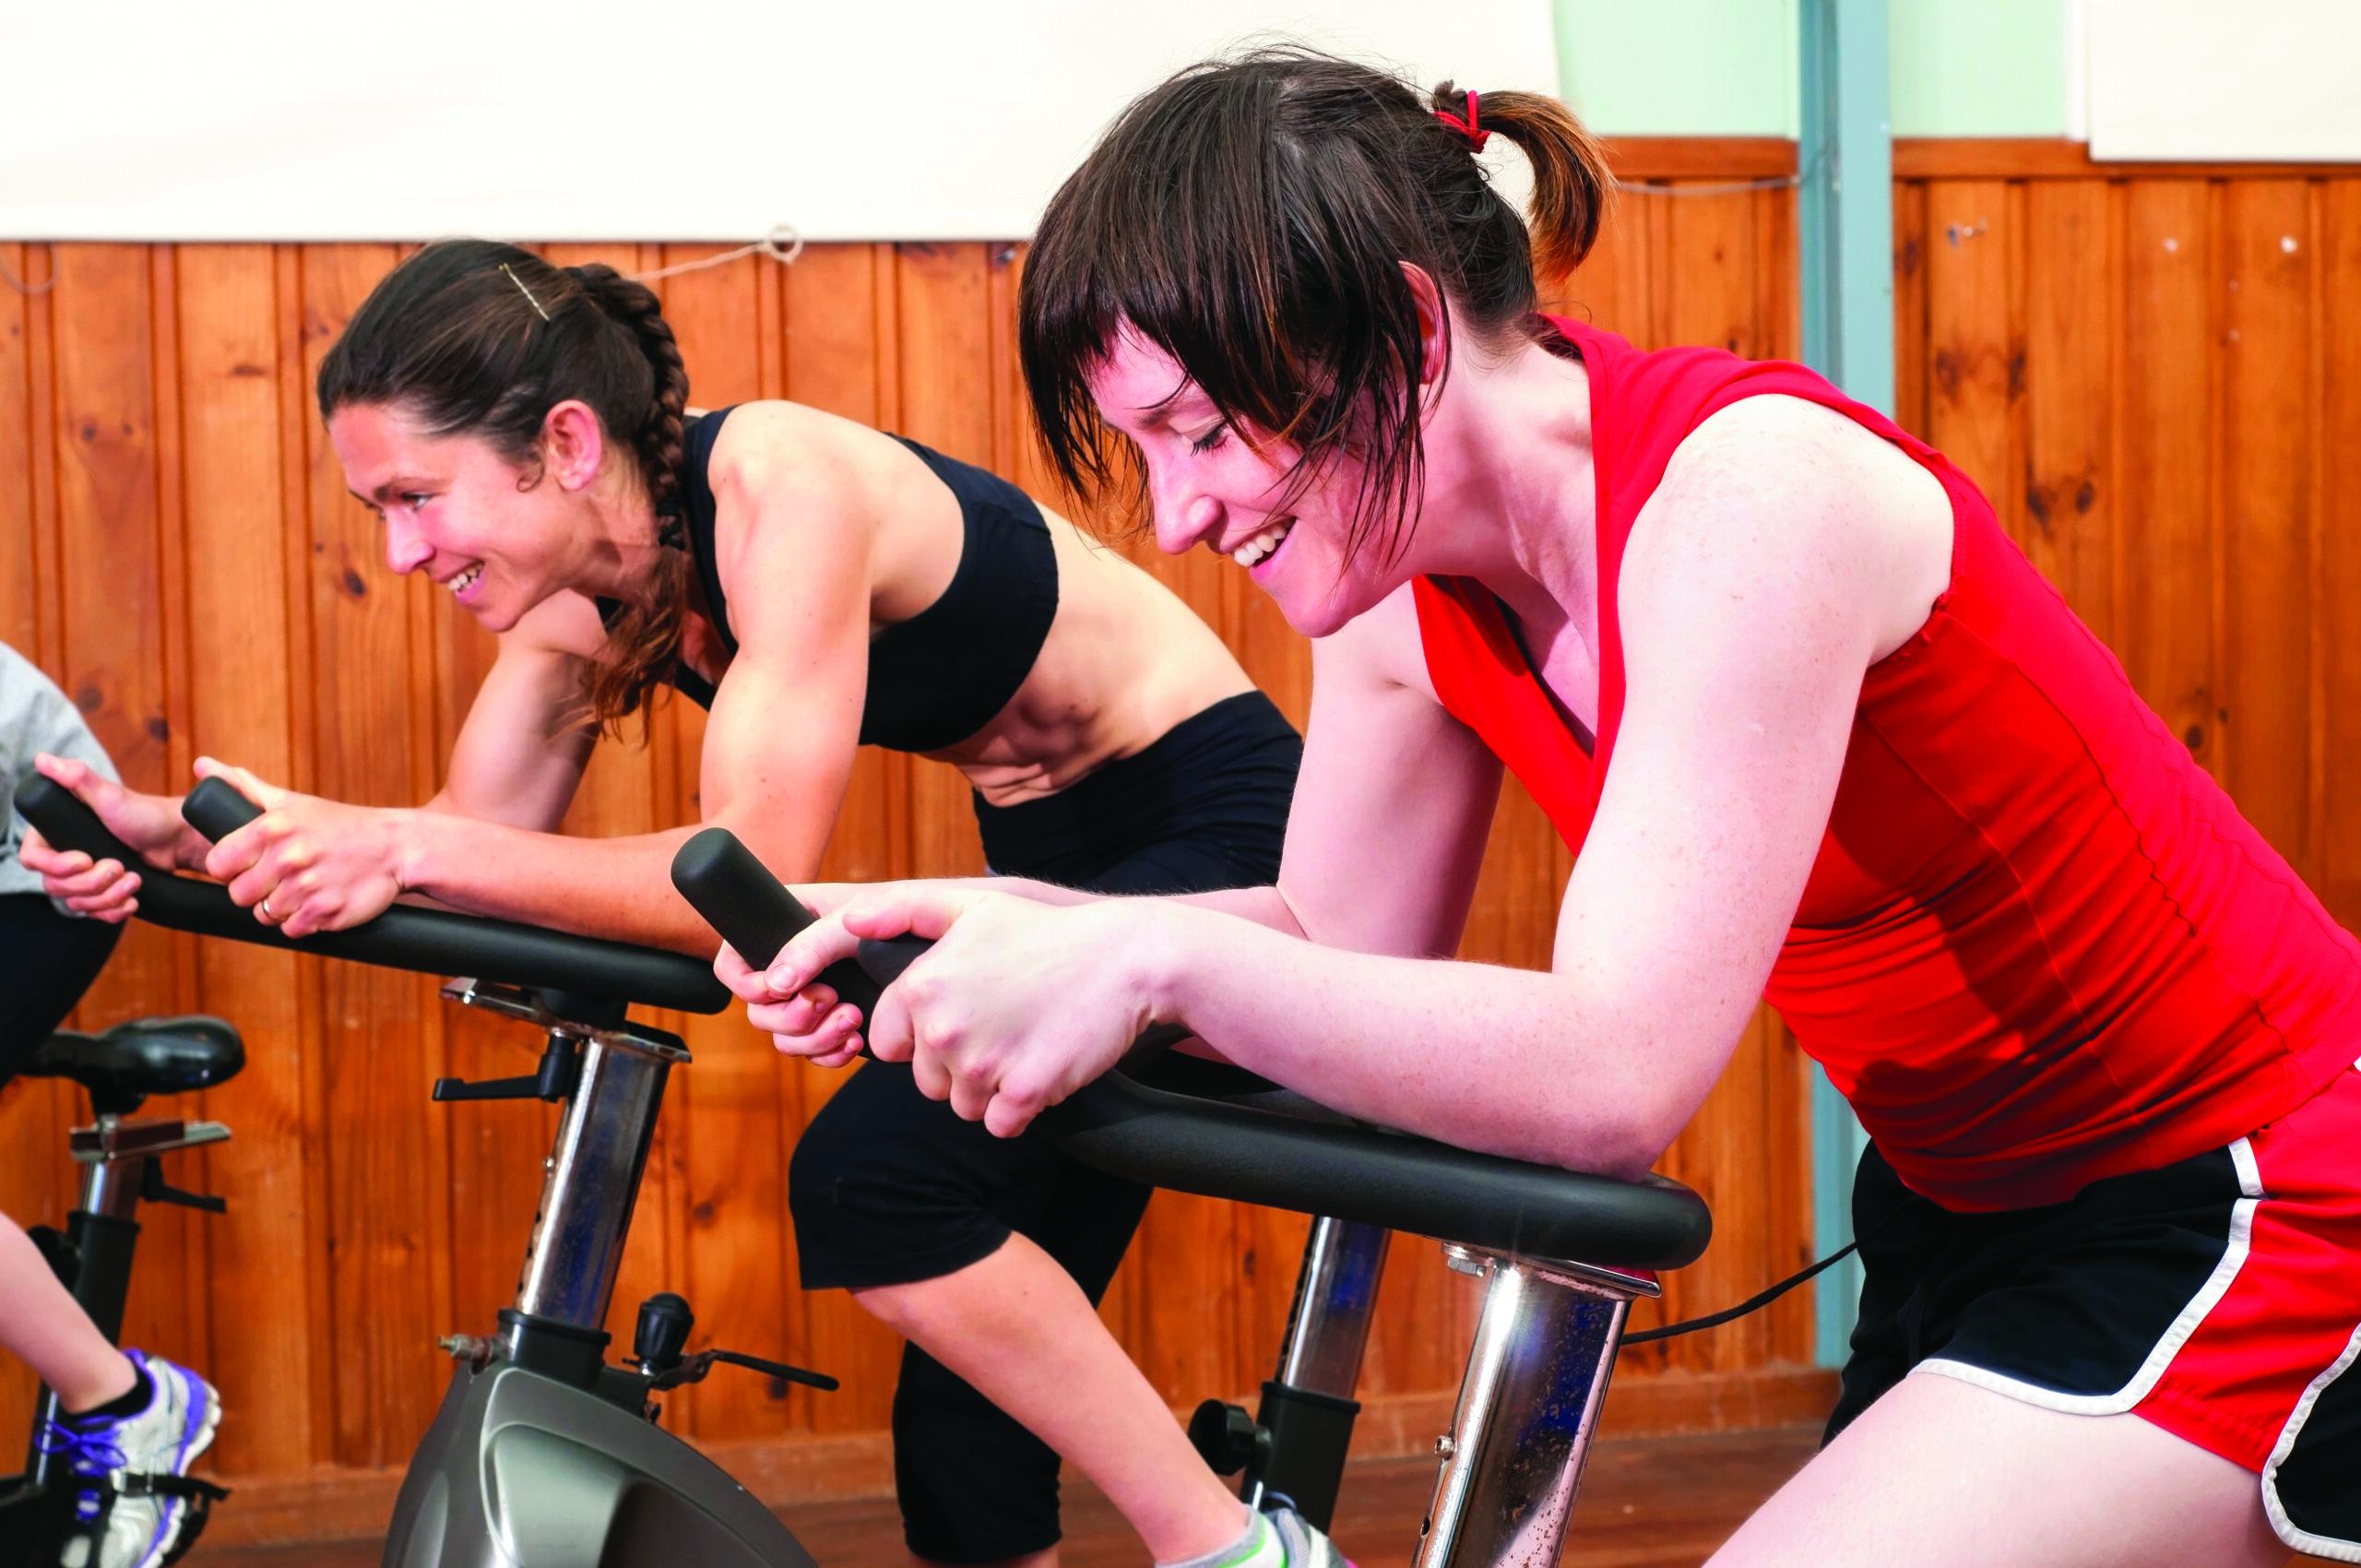 Women in exercising class